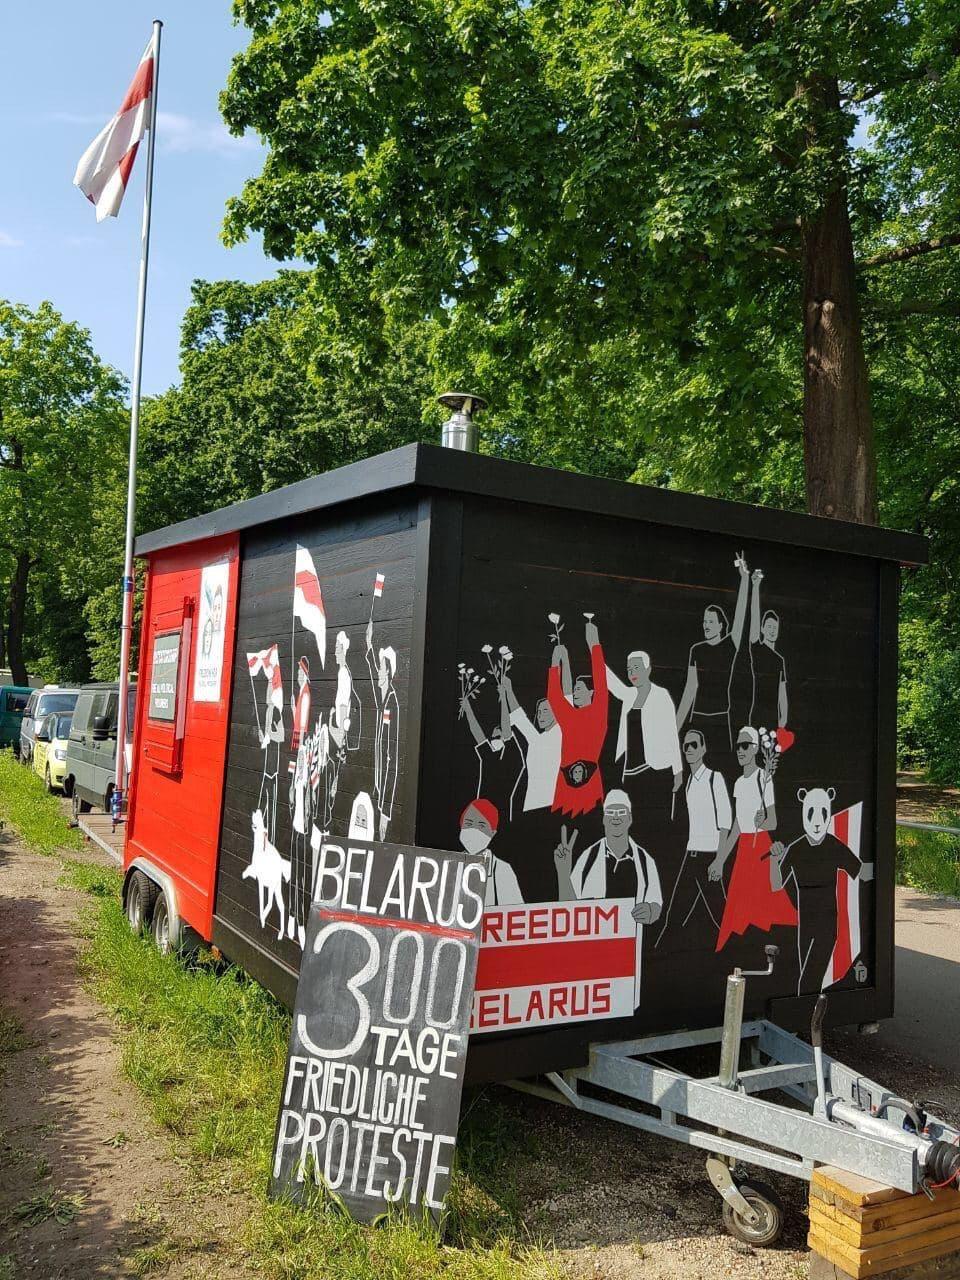 Акции в поддержку свободной Беларуси прошли по всему миру2